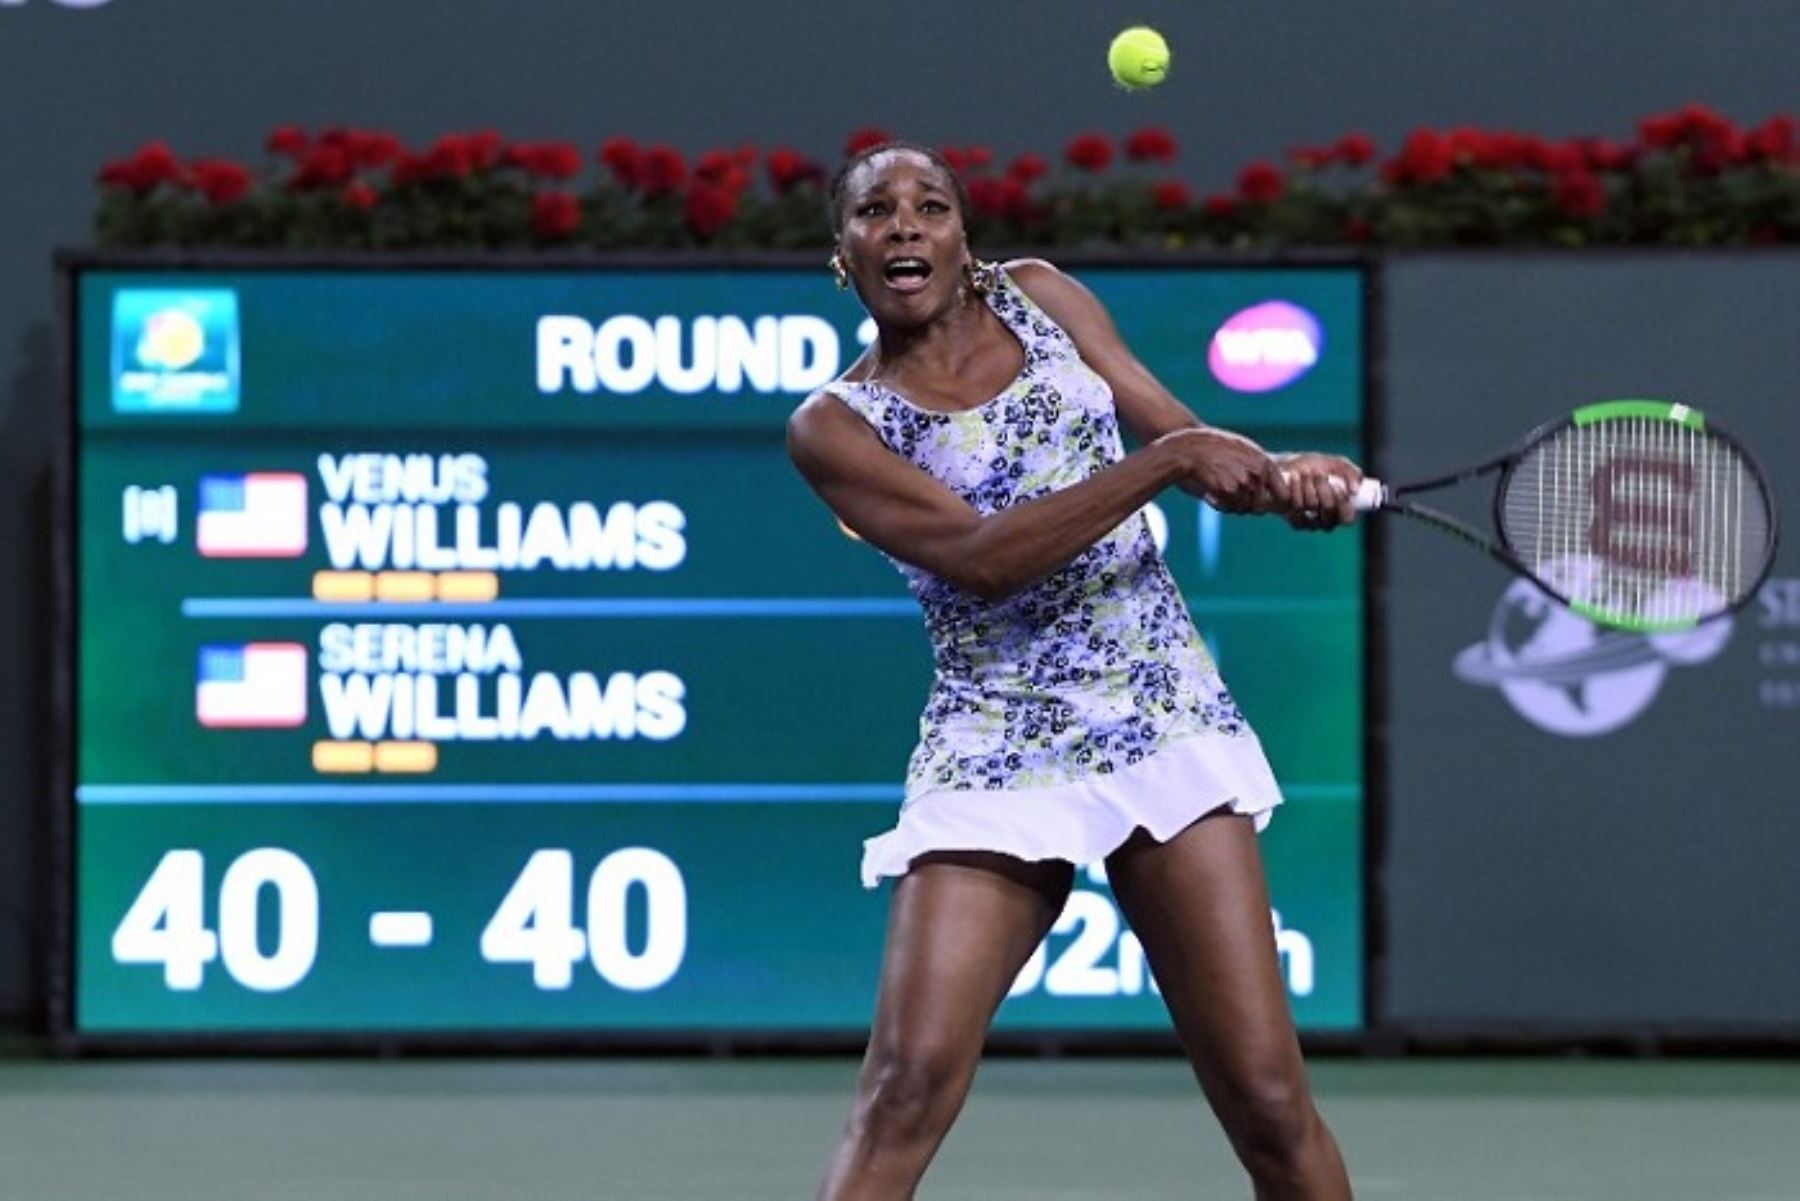 Venus despidió a su hermana, Serena, del Master 1000